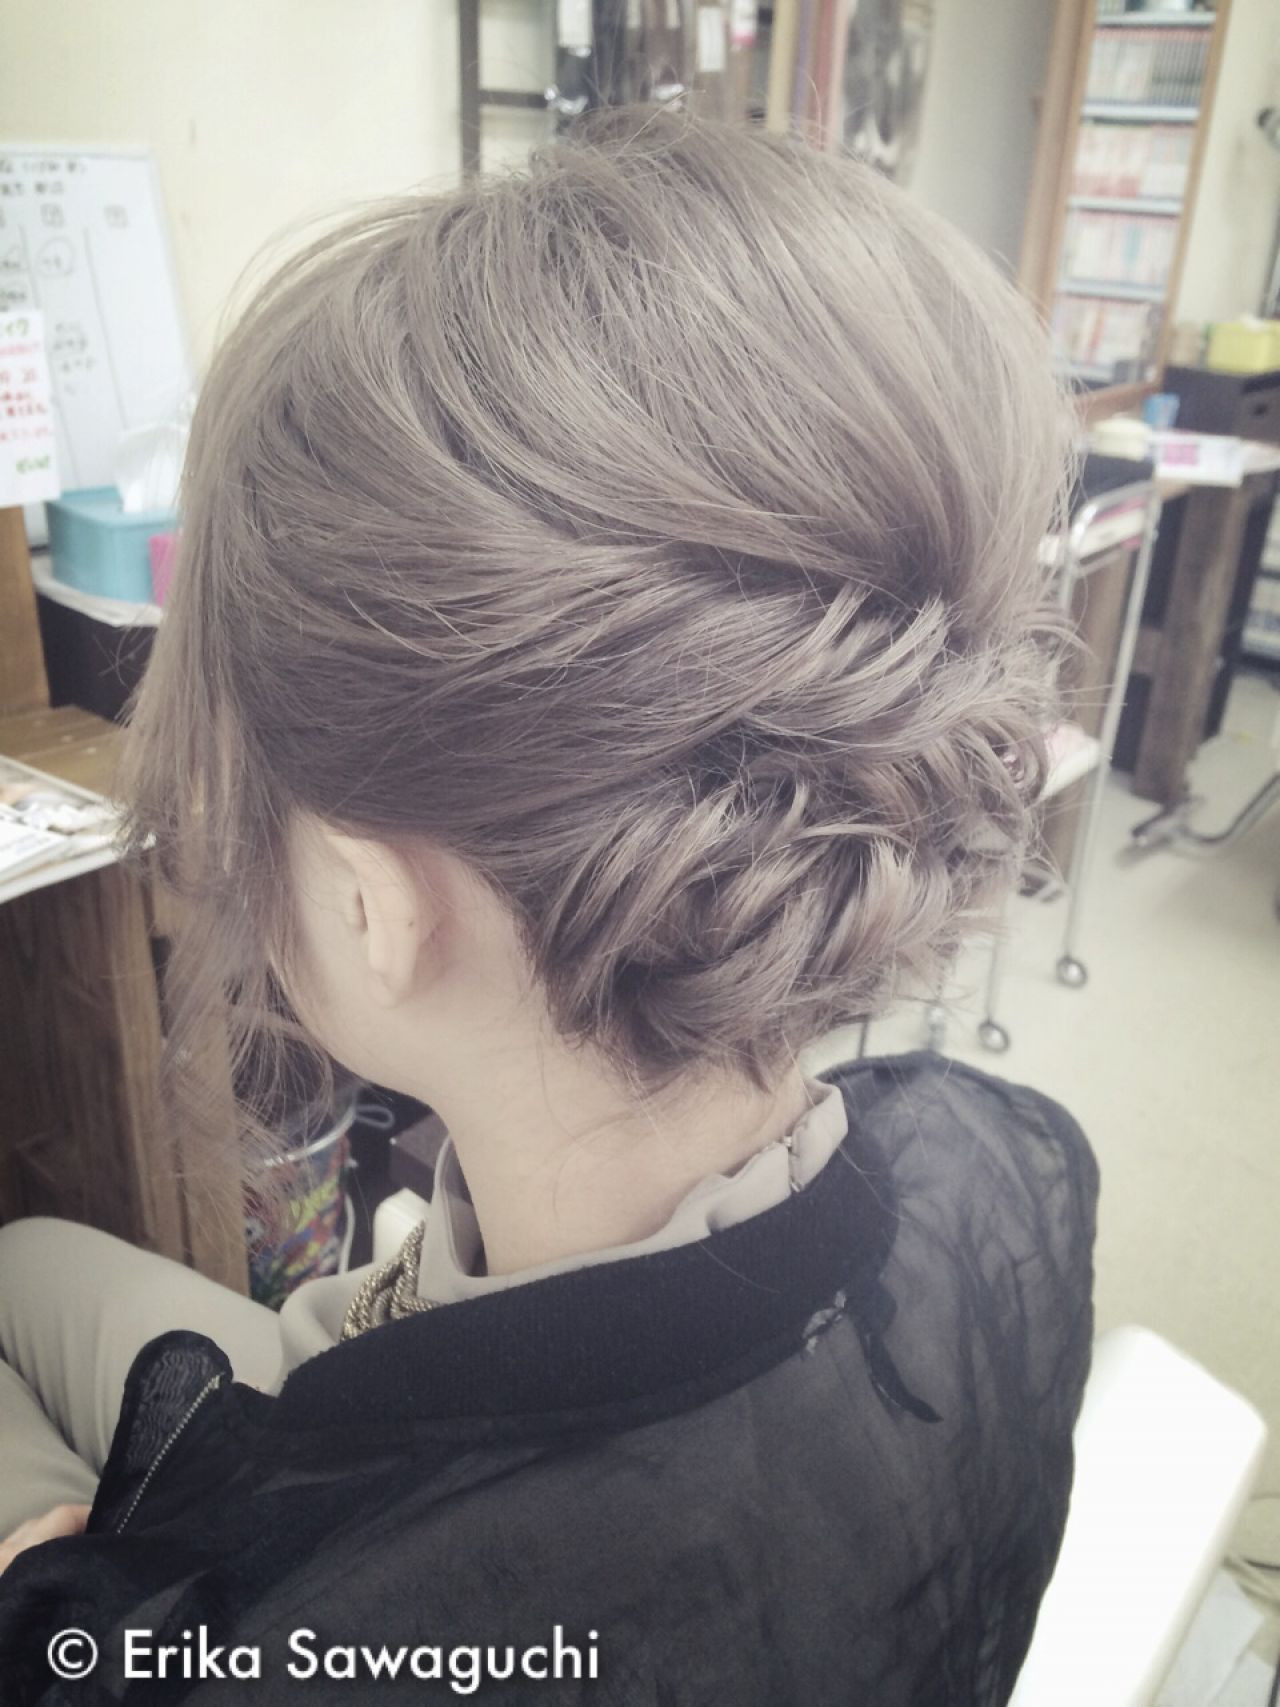 まとめ髪 ヘアアレンジ ゆるふわ 簡単 ヘアスタイルや髪型の写真・画像